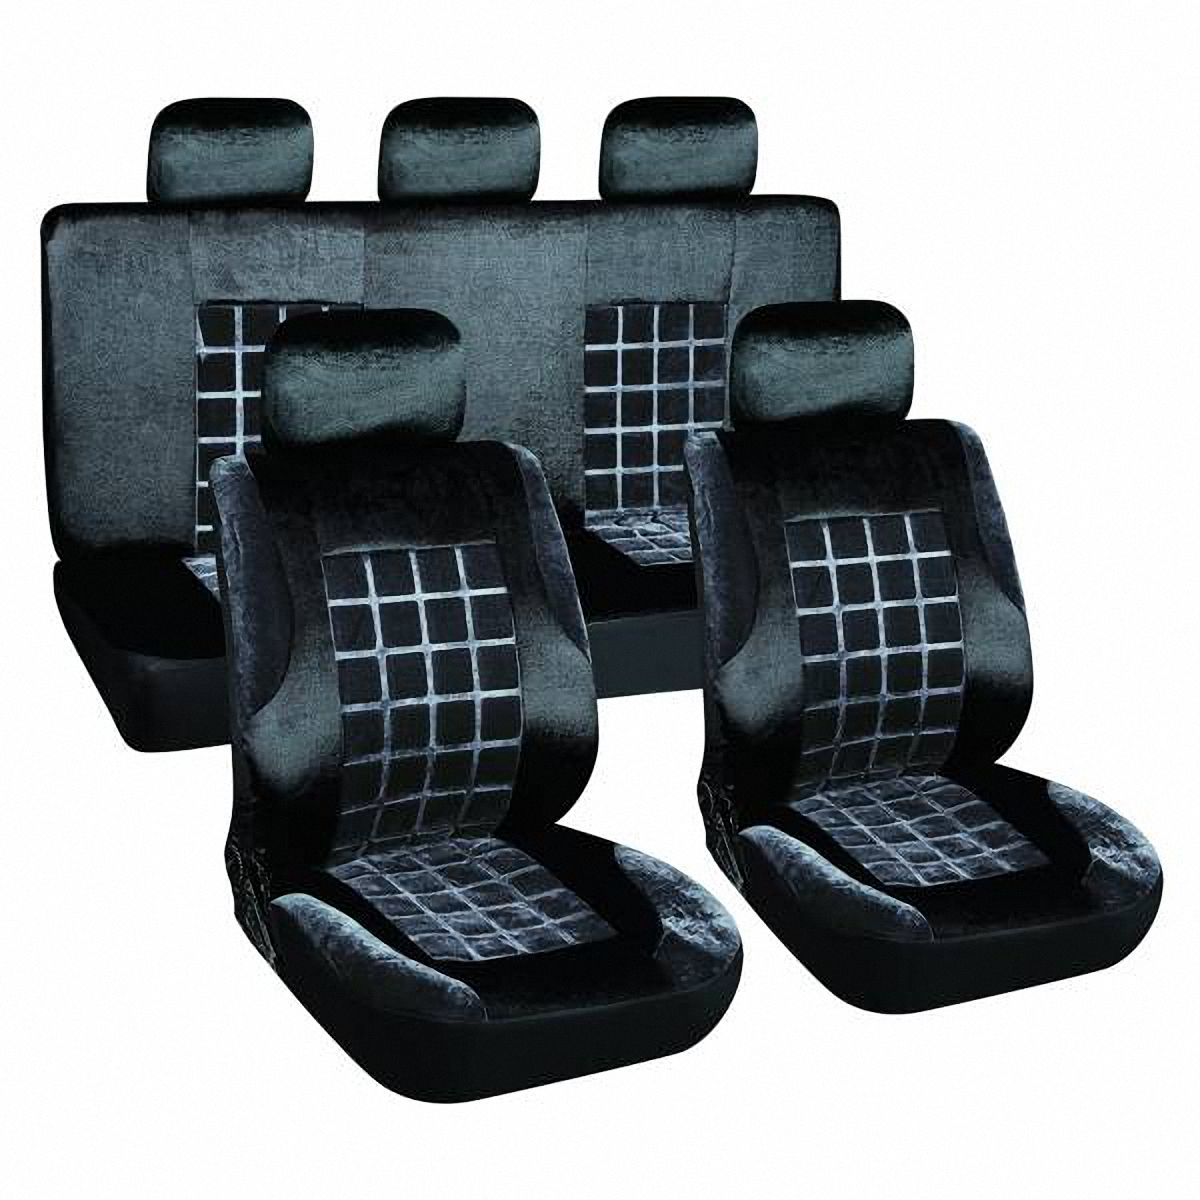 Чехлы автомобильные Skyway. S01301153S01301153Комплект классических универсальных автомобильных чехлов Skyway S01301153 изготовлен из вельвета. Чехлы защитят обивку сидений от вытирания и выцветания. Благодаря структуре ткани, обеспечивается улучшенная вентиляция кресел, что позволяет сделать более комфортными долгое пребывание за рулем во время дальней поездки.